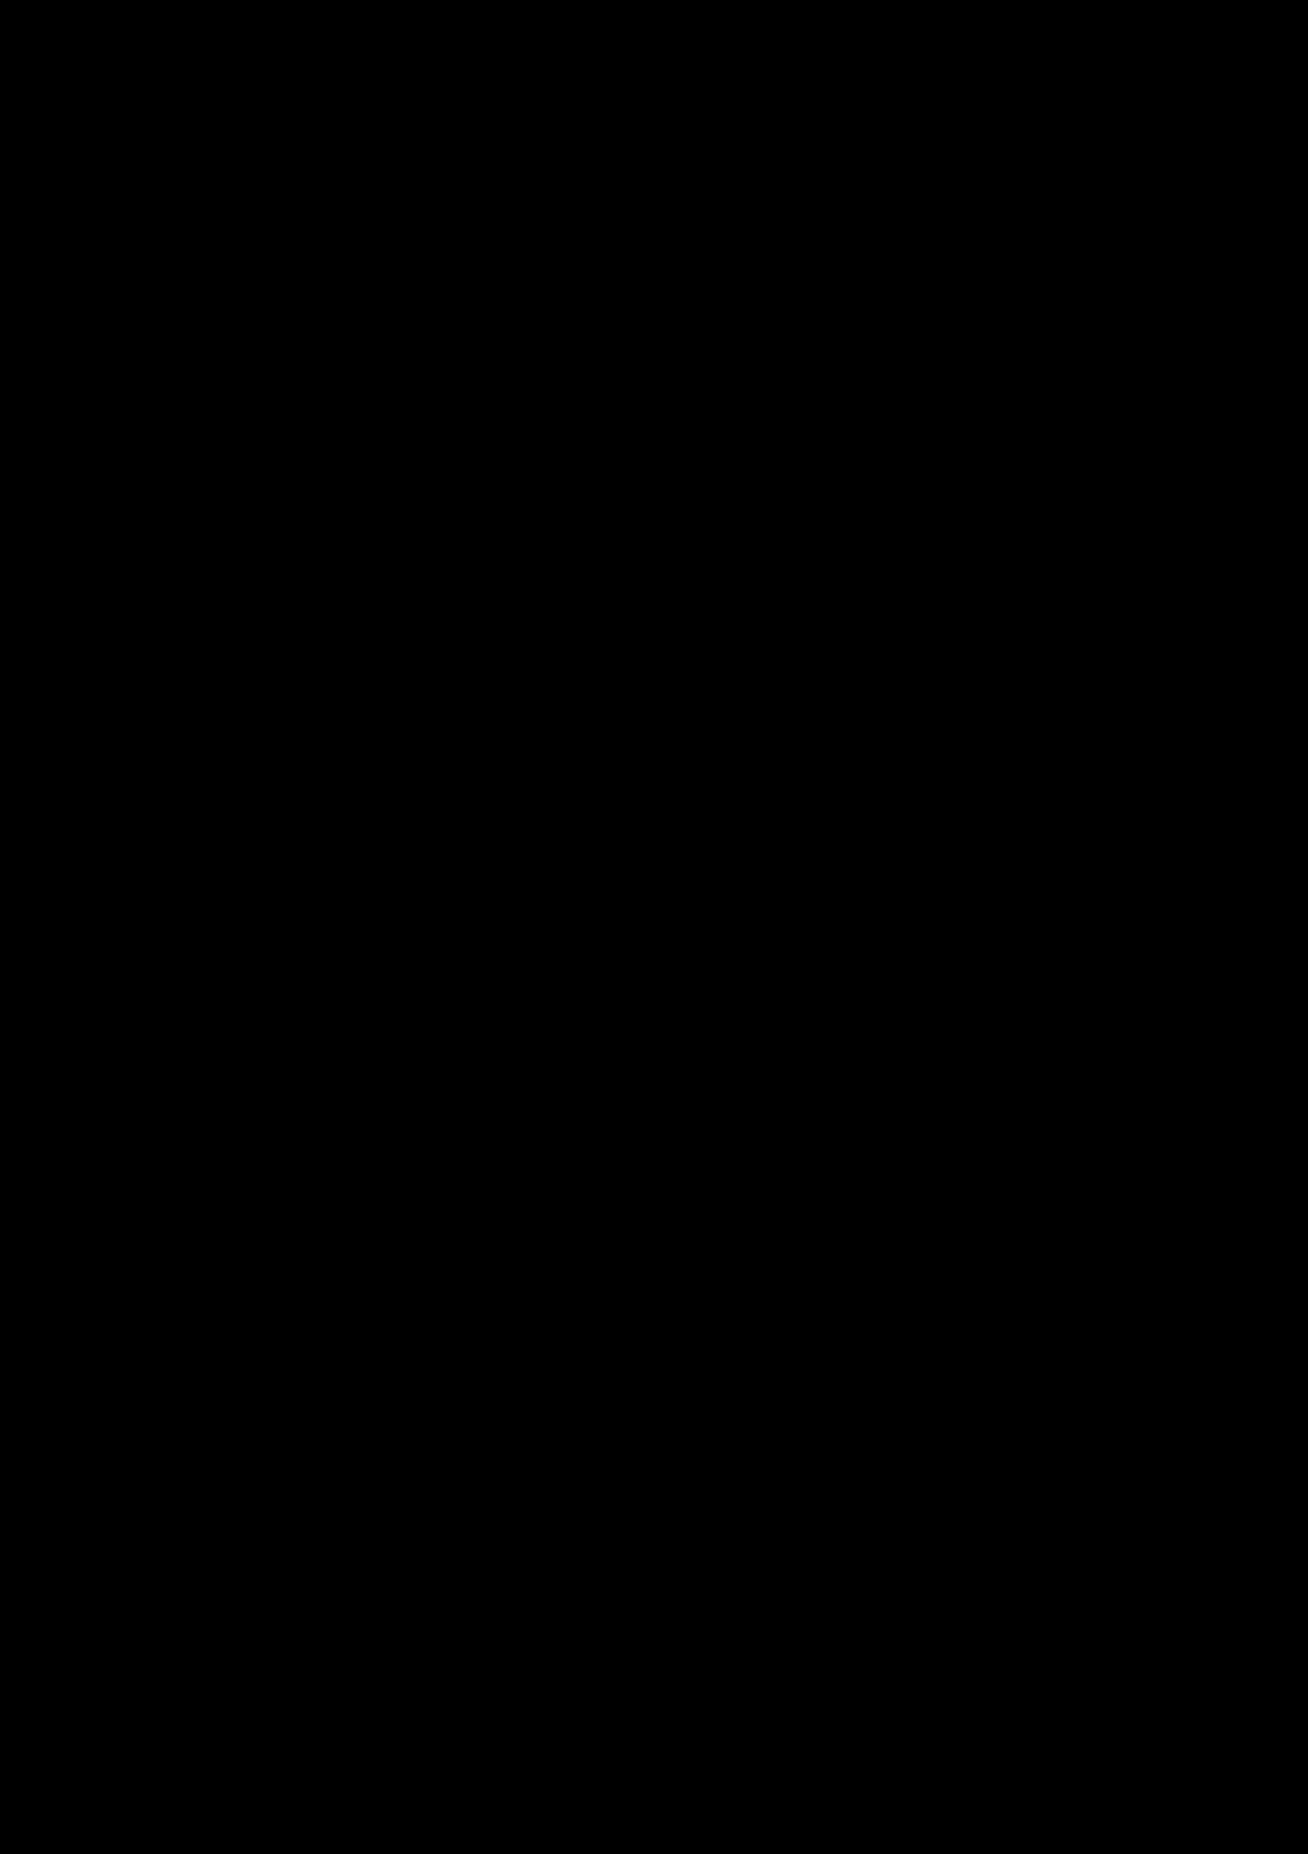 f:id:je1hfu:20200520203439p:plain